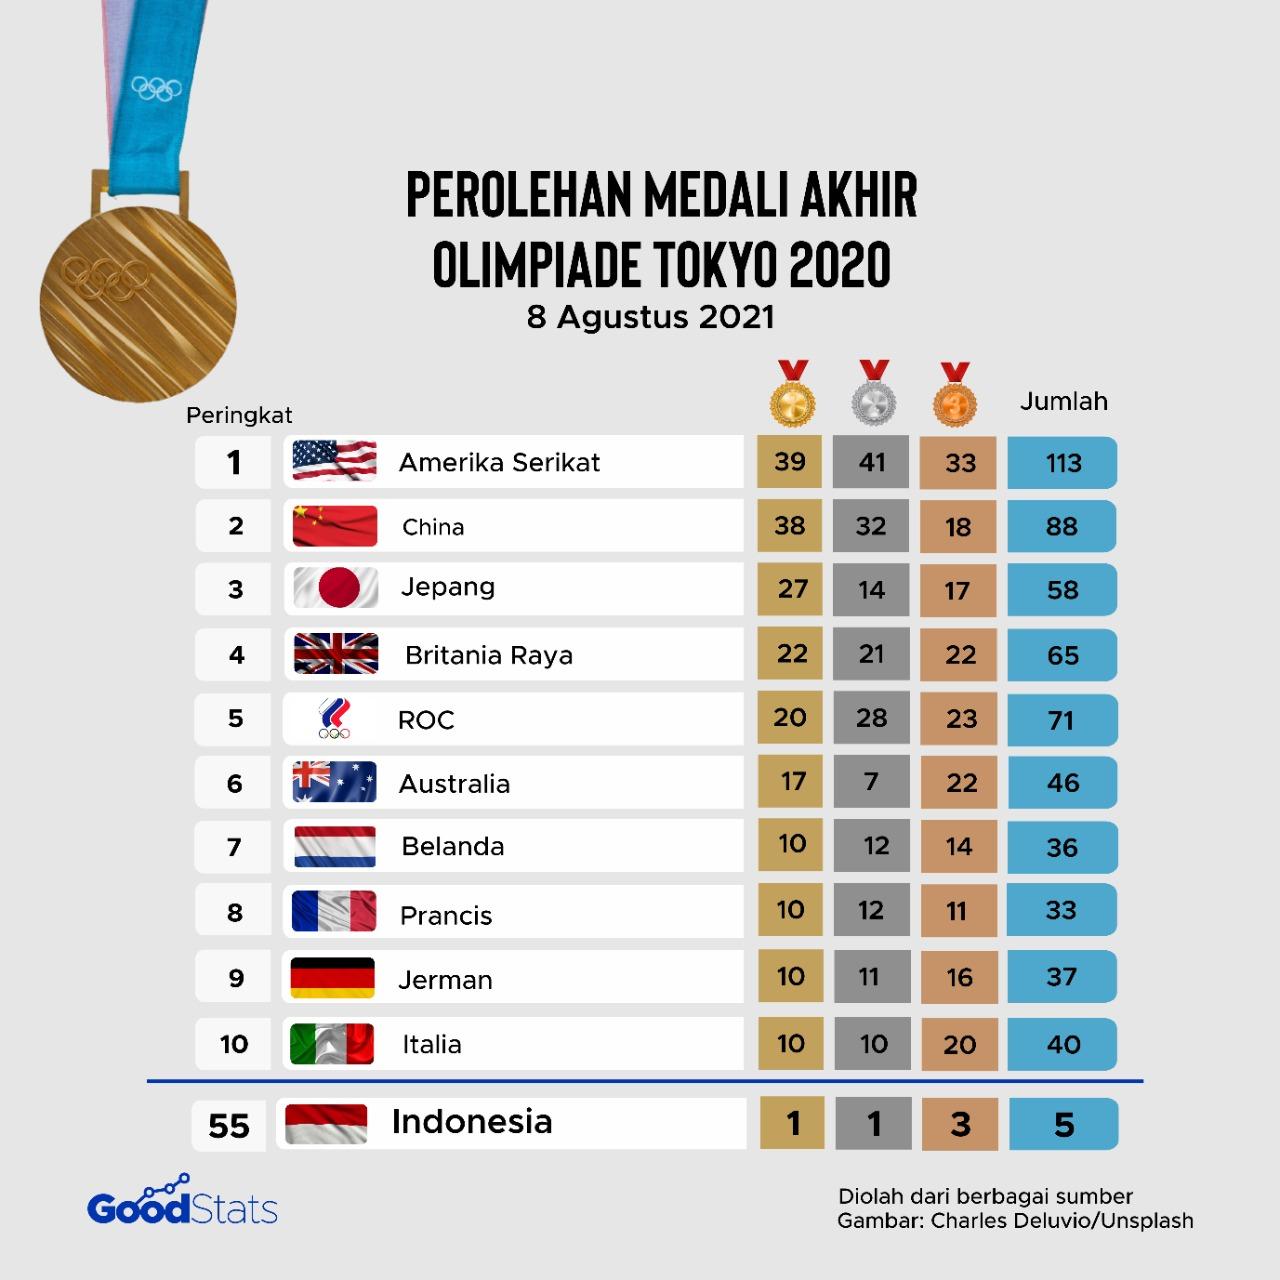 Perolehan medali akhir Olimpiade Tokyo 2020   GoodStats